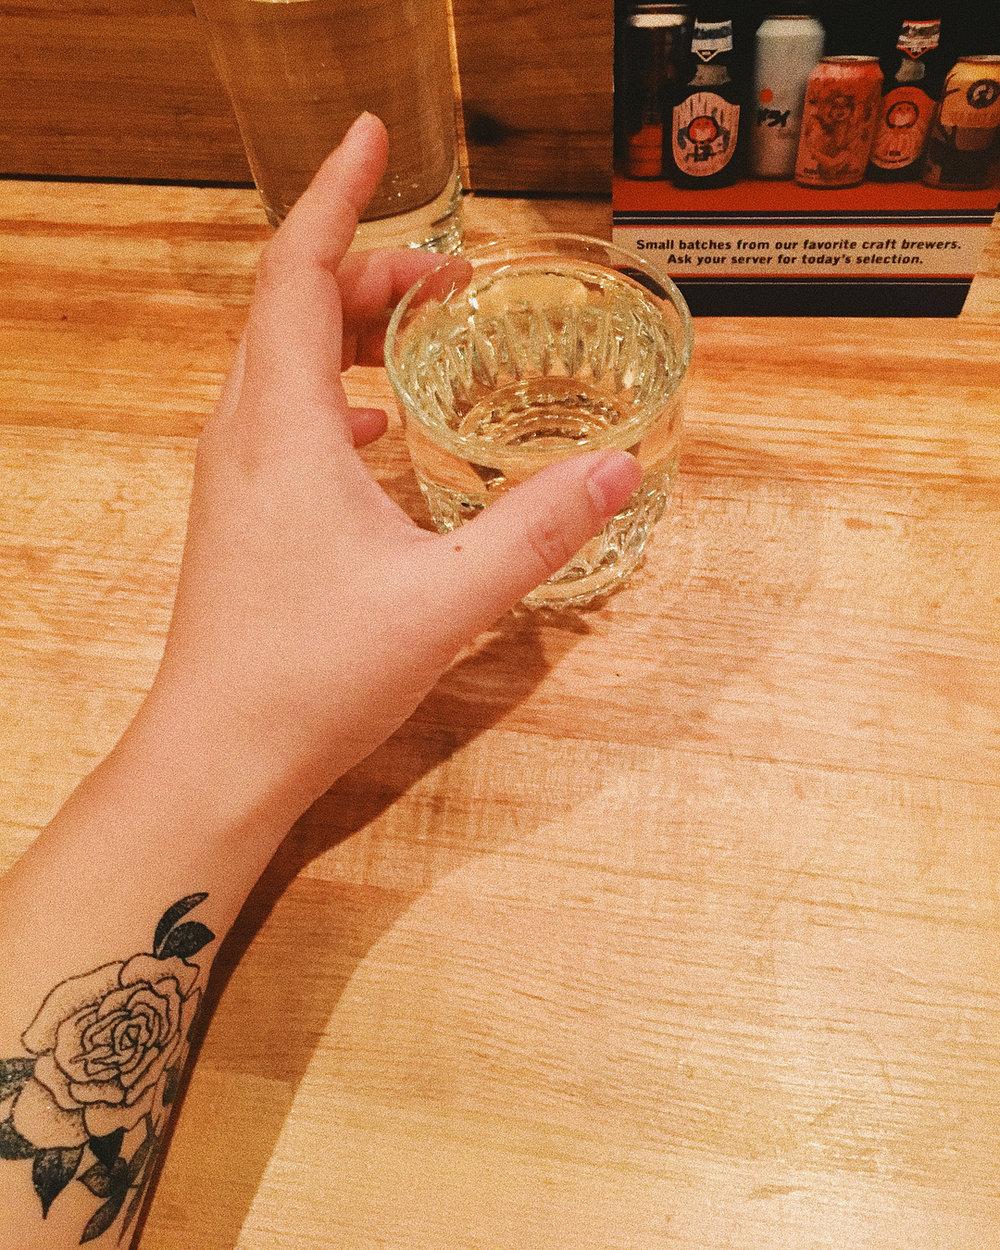 Hot sake at Ganso Ramen